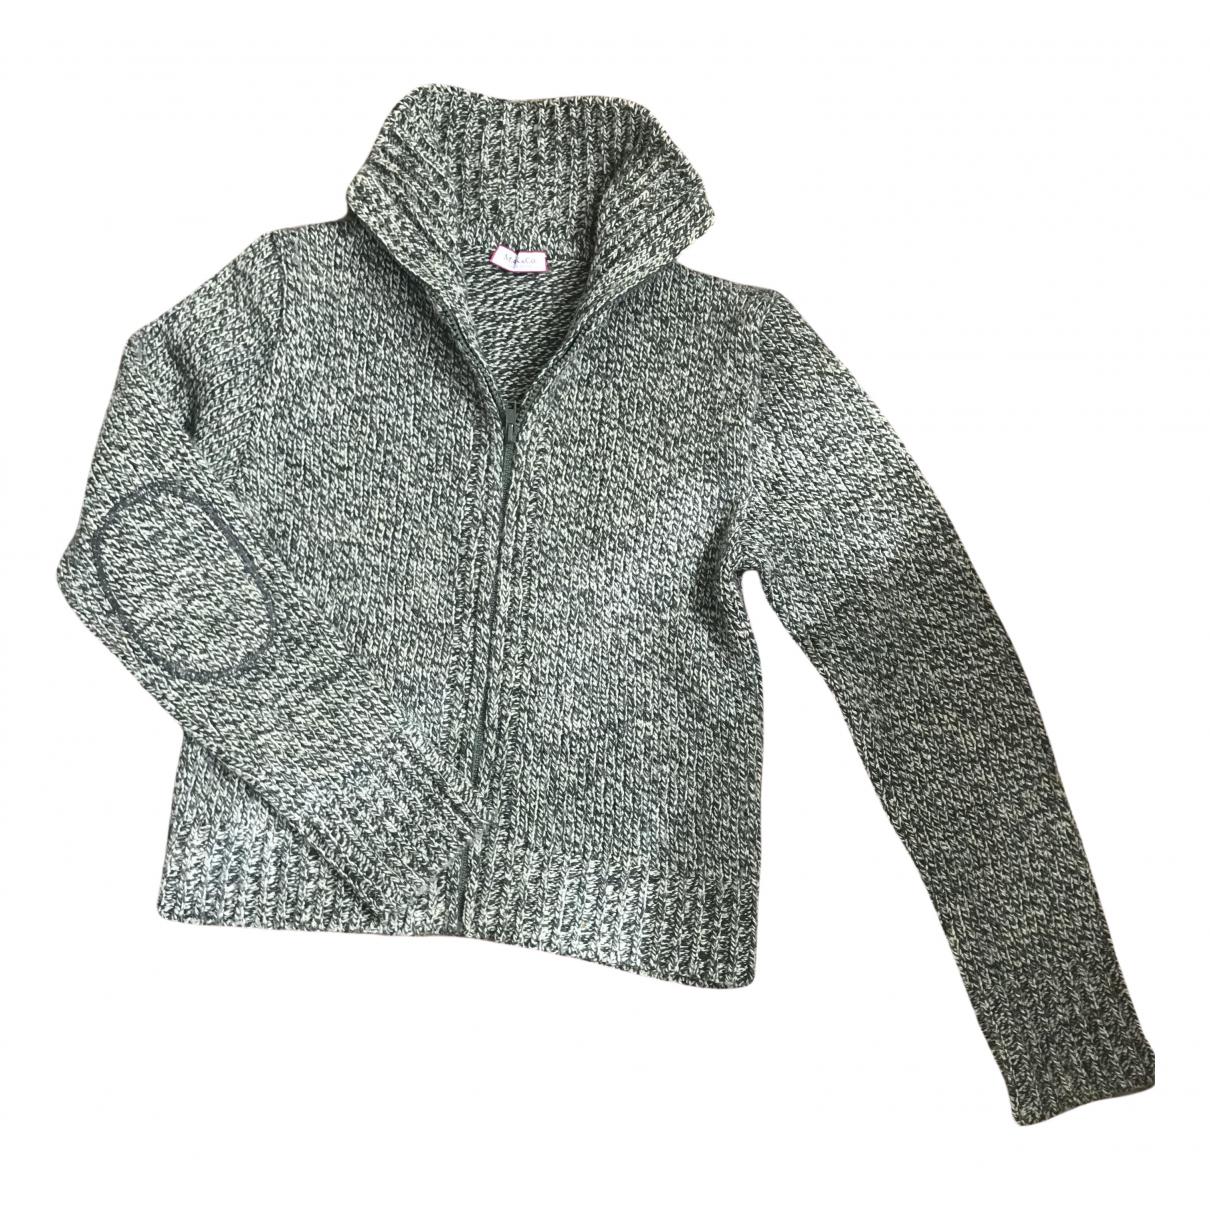 Max & Co \N Green Wool Knitwear for Women M International